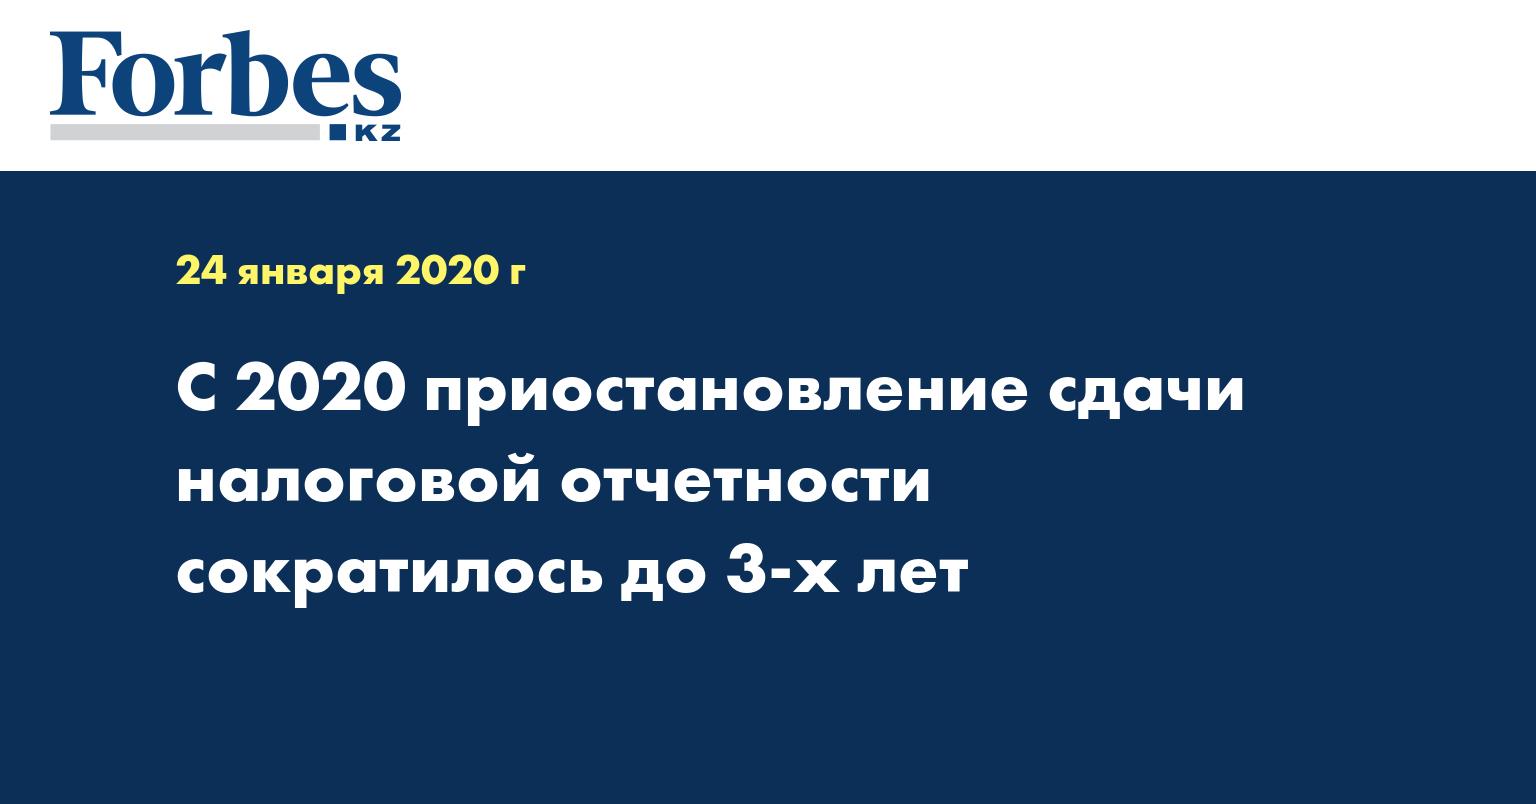 С 2020 приостановление сдачи налоговой отчетности сократилось до 3-х лет